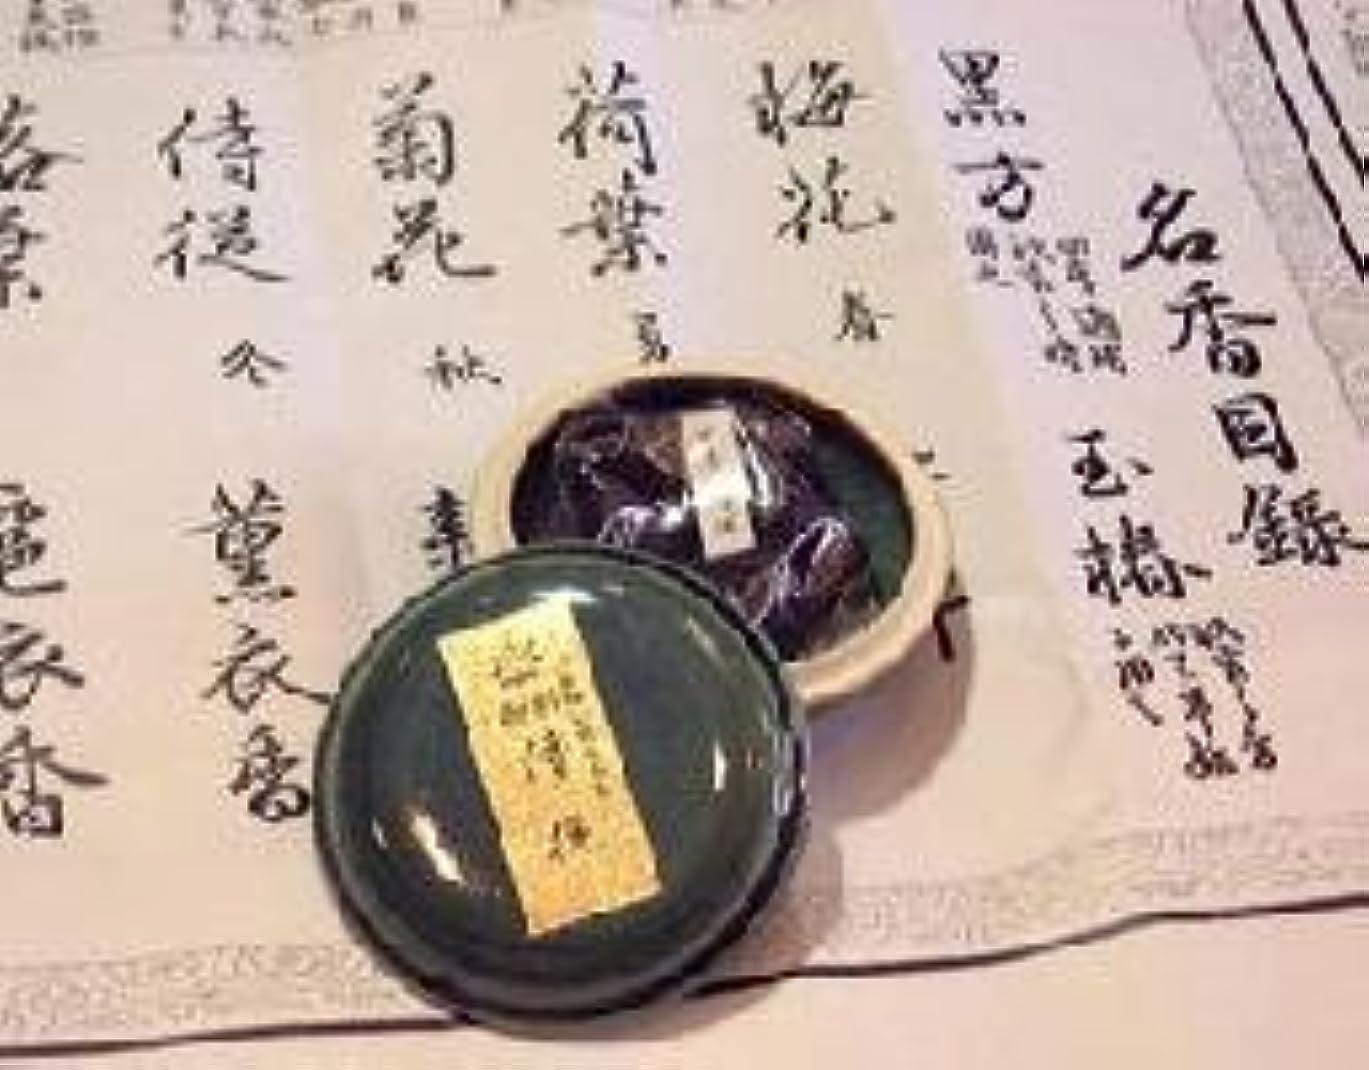 早めるラフ睡眠くしゃくしゃ鳩居堂の煉香 御香 侍従 桐箱 たと紙 陶器香合11g入 #505